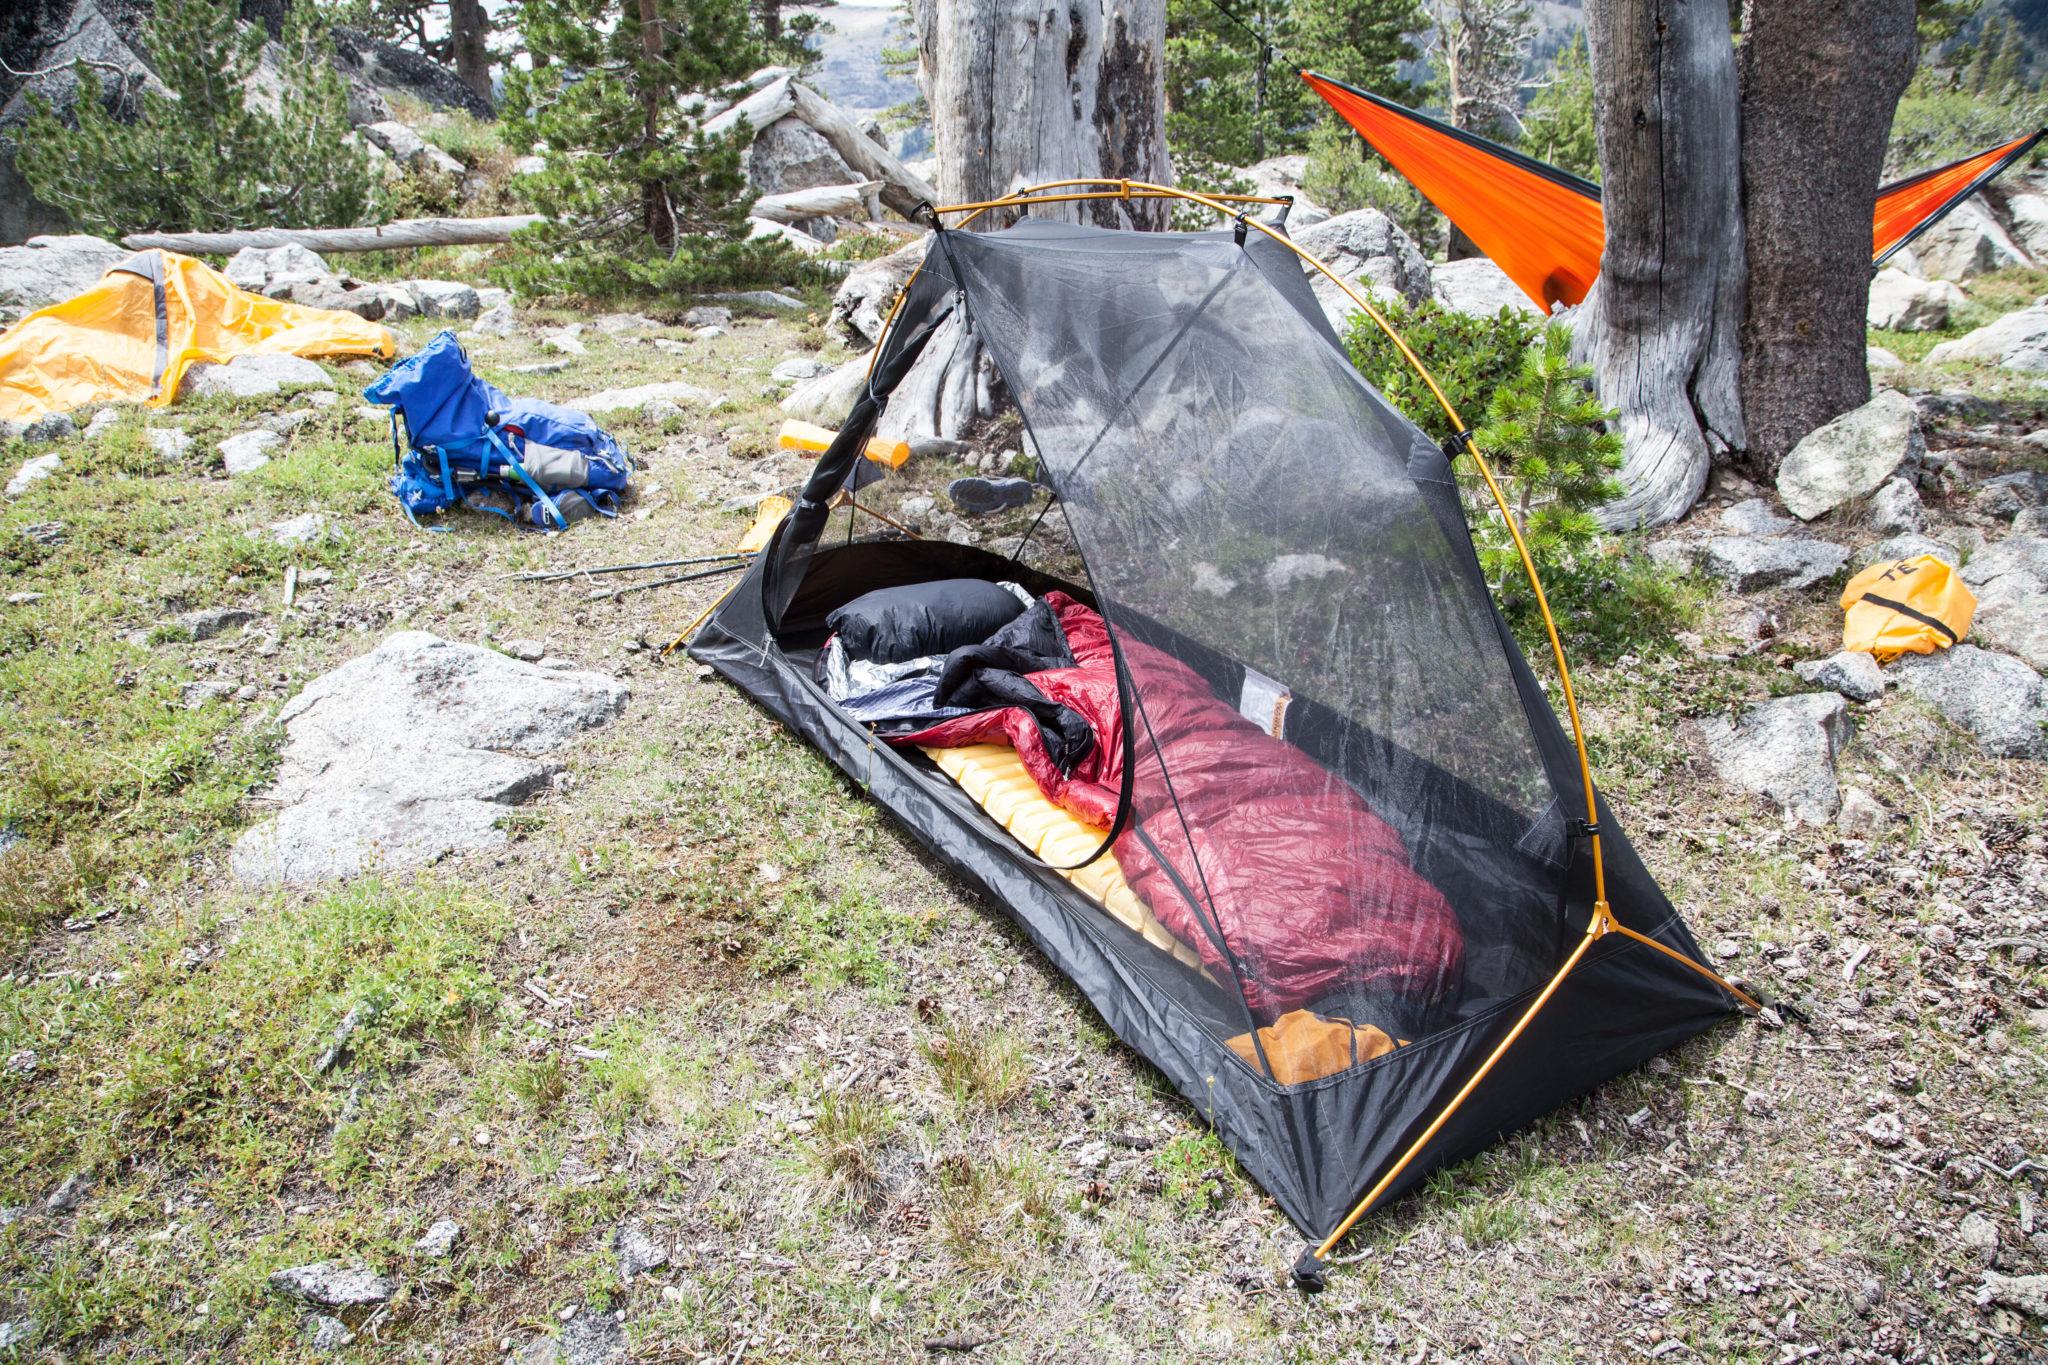 Teton Sports Mountain Ultra 1 Tent Review & Teton Sports Mountain Ultra 1 Tent - littlegrunts.com